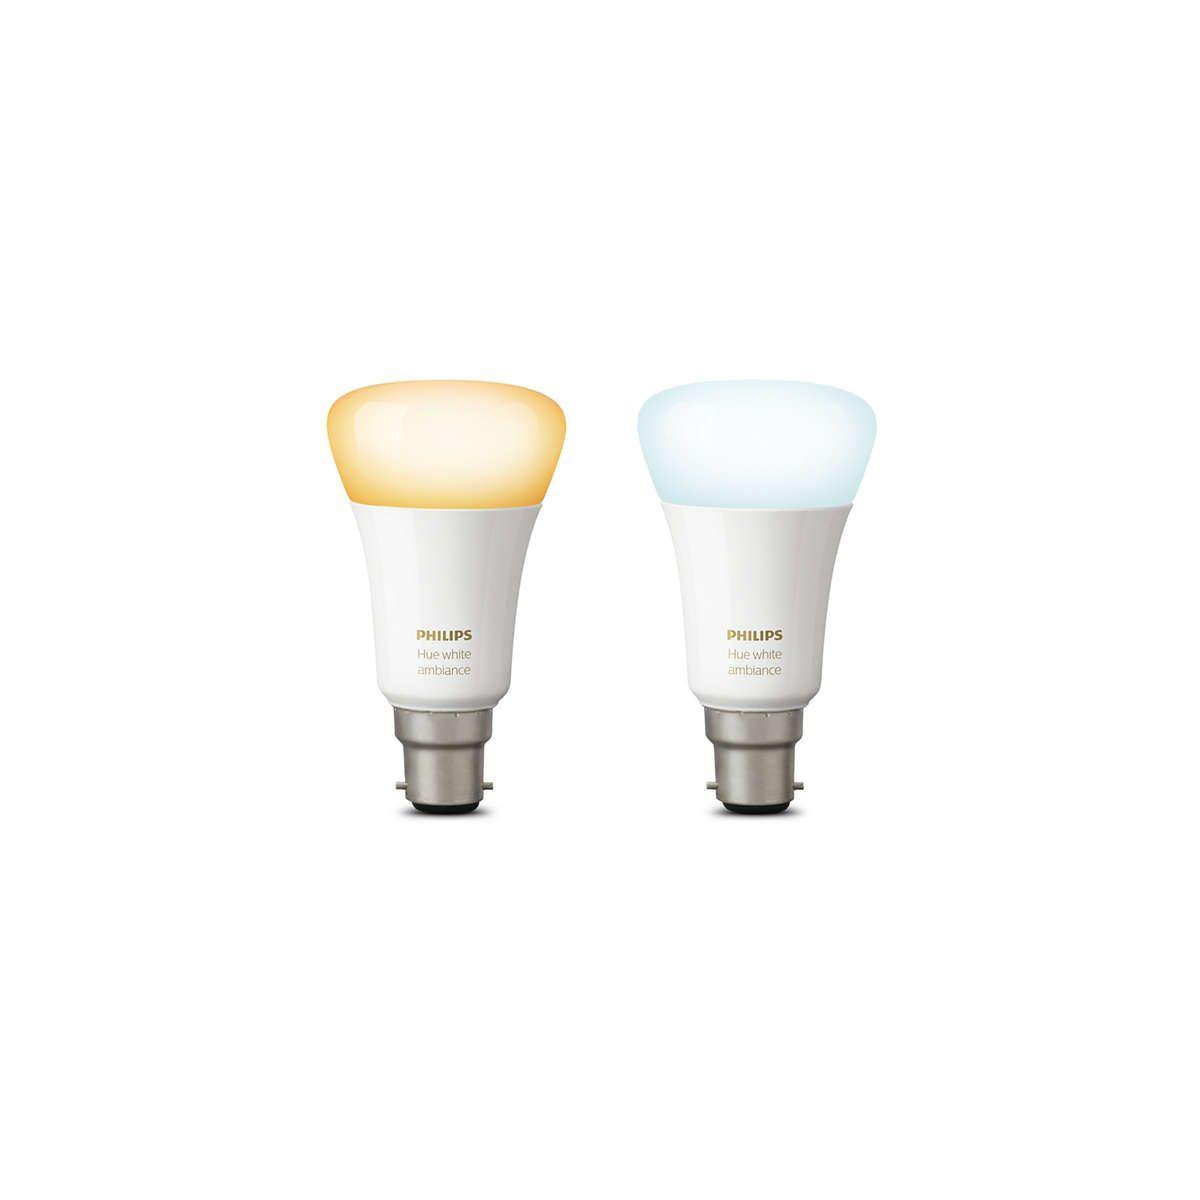 Ampoule connectable philips pack x2 b22 hue white & ambiance - 2% de remise imm�diate avec le code : school2 (photo)